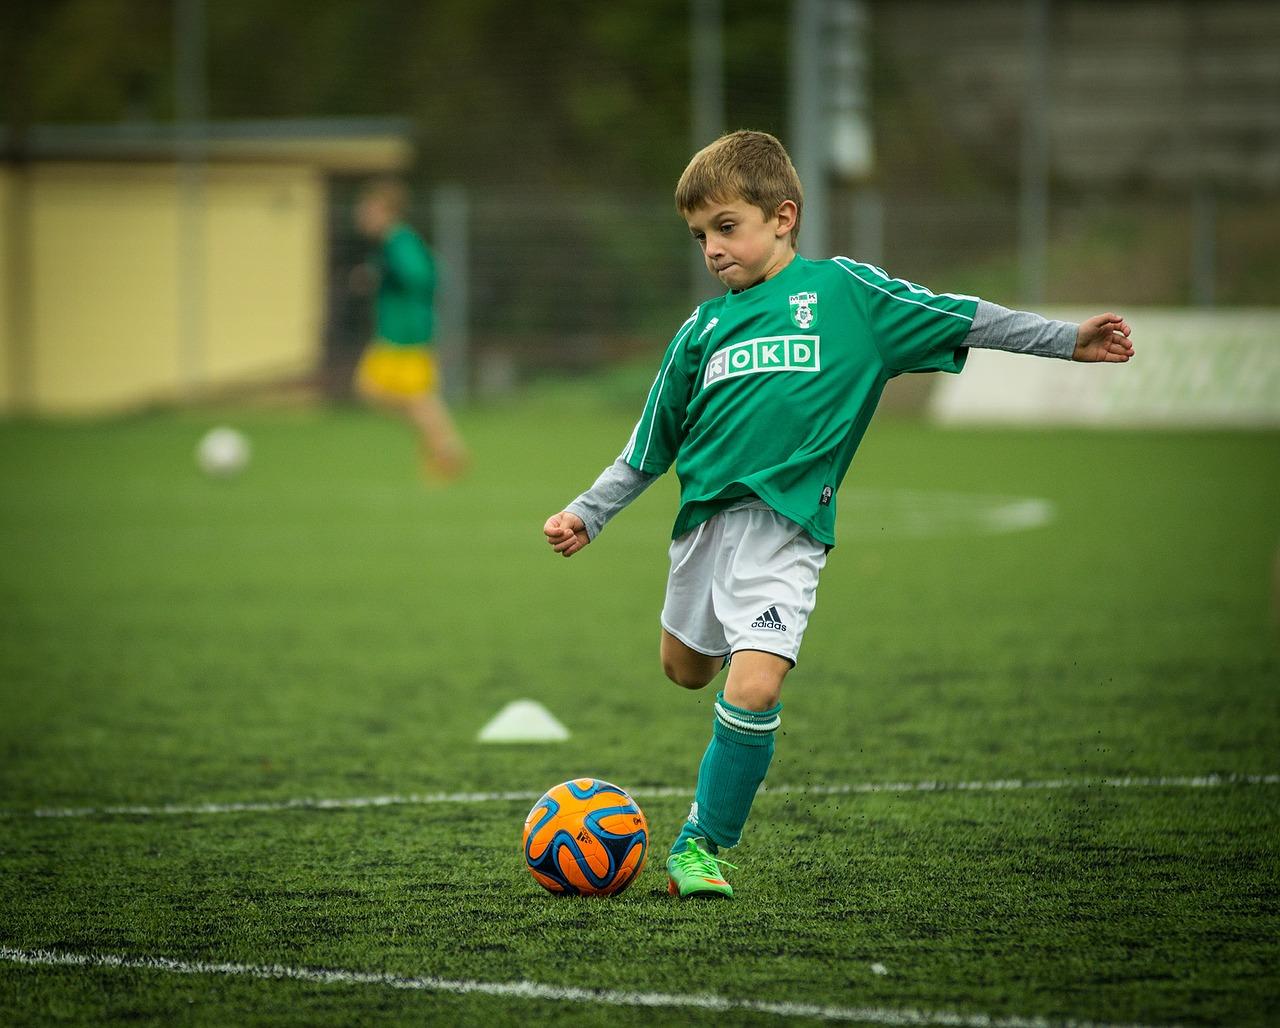 Flexibility Exercise for Children